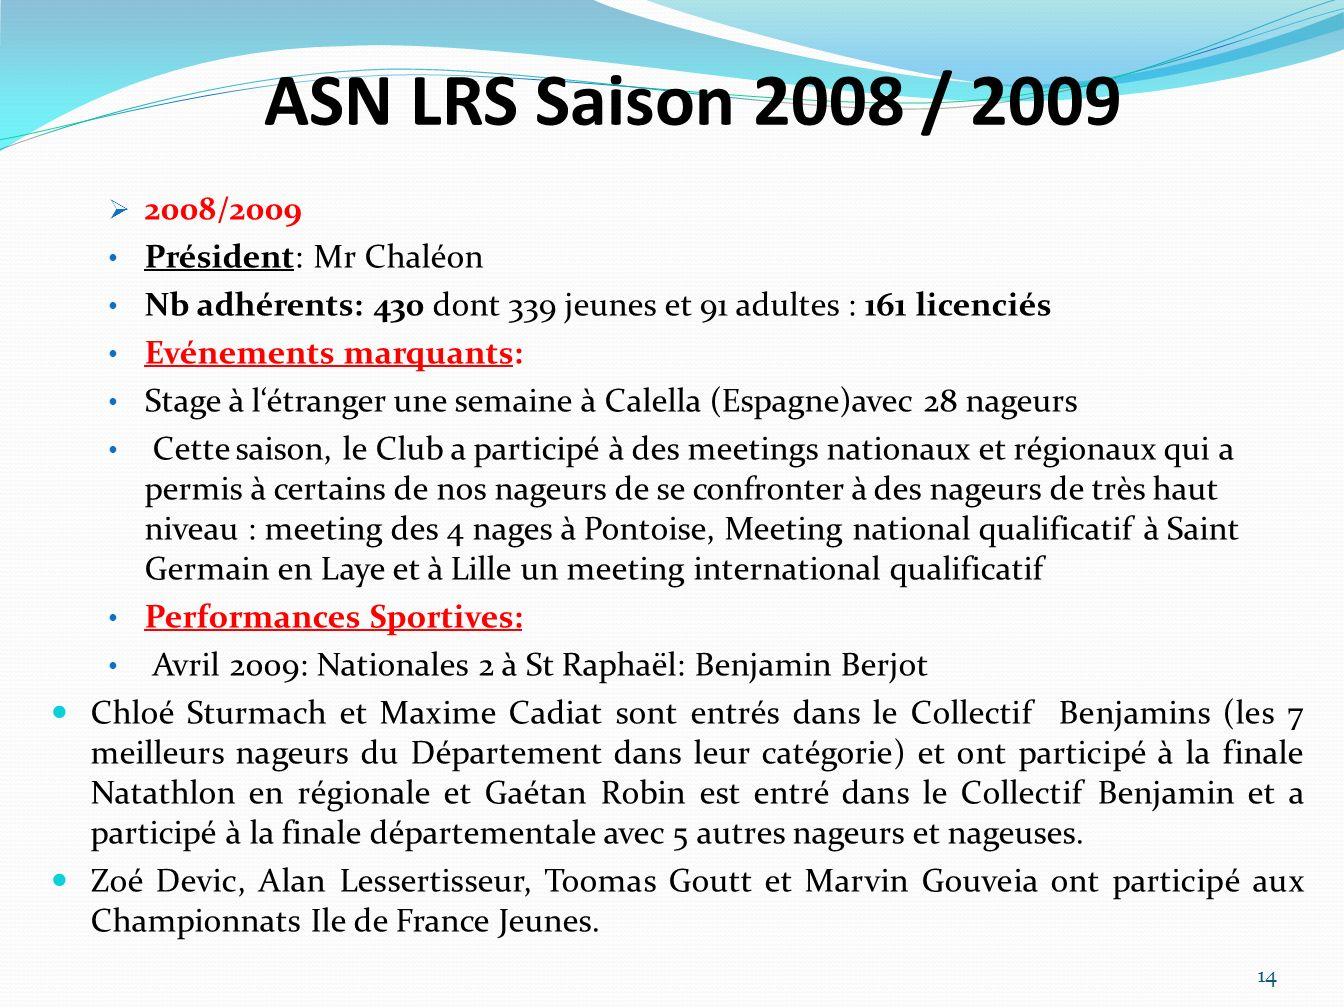 ASN LRS Saison 2008 / 2009 2008/2009 Président: Mr Chaléon Nb adhérents: 430 dont 339 jeunes et 91 adultes : 161 licenciés Evénements marquants: Stage